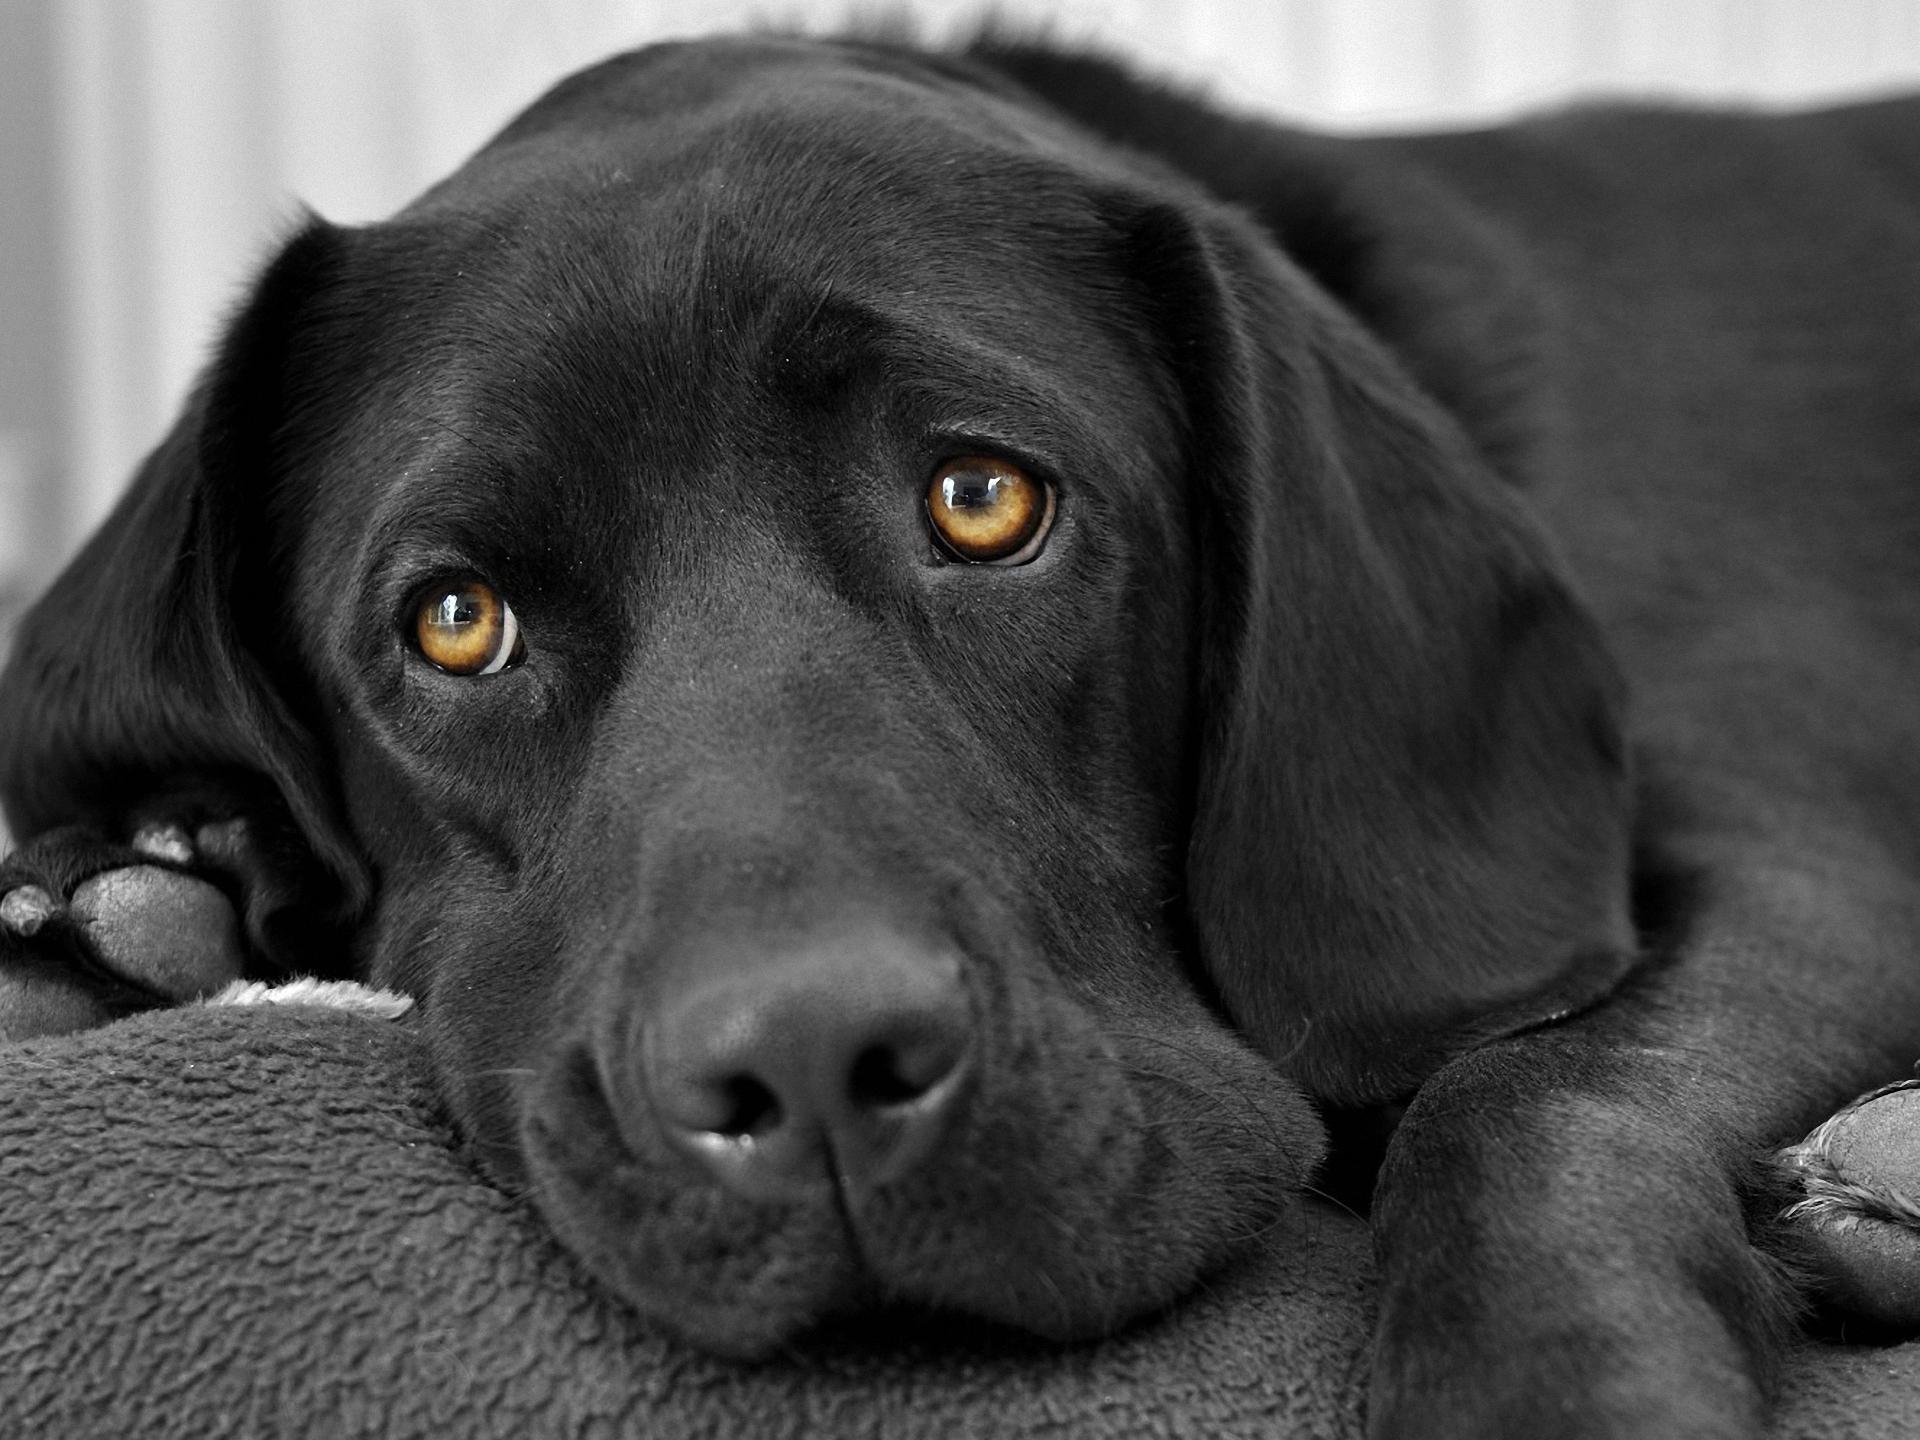 Black Dog 23 Background Wallpaper